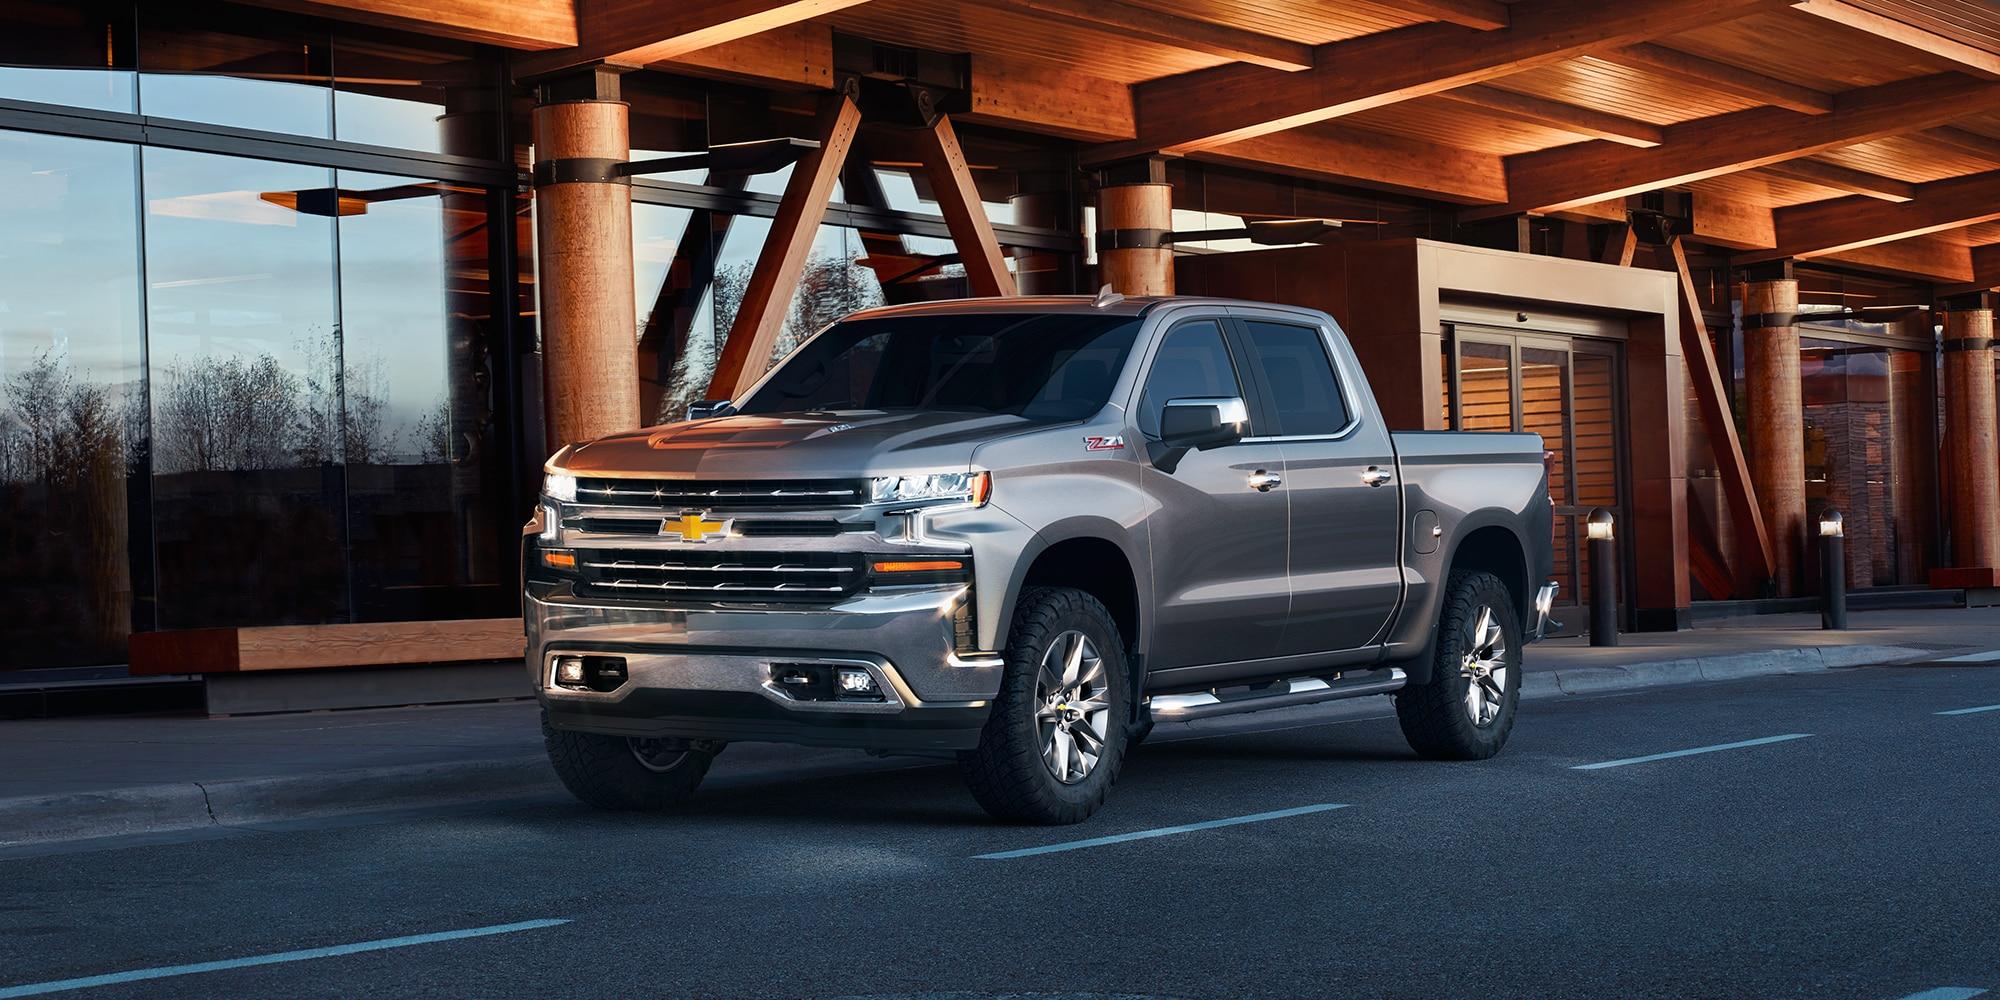 Silverado 2019 de próxima generación: Camioneta pickup ...